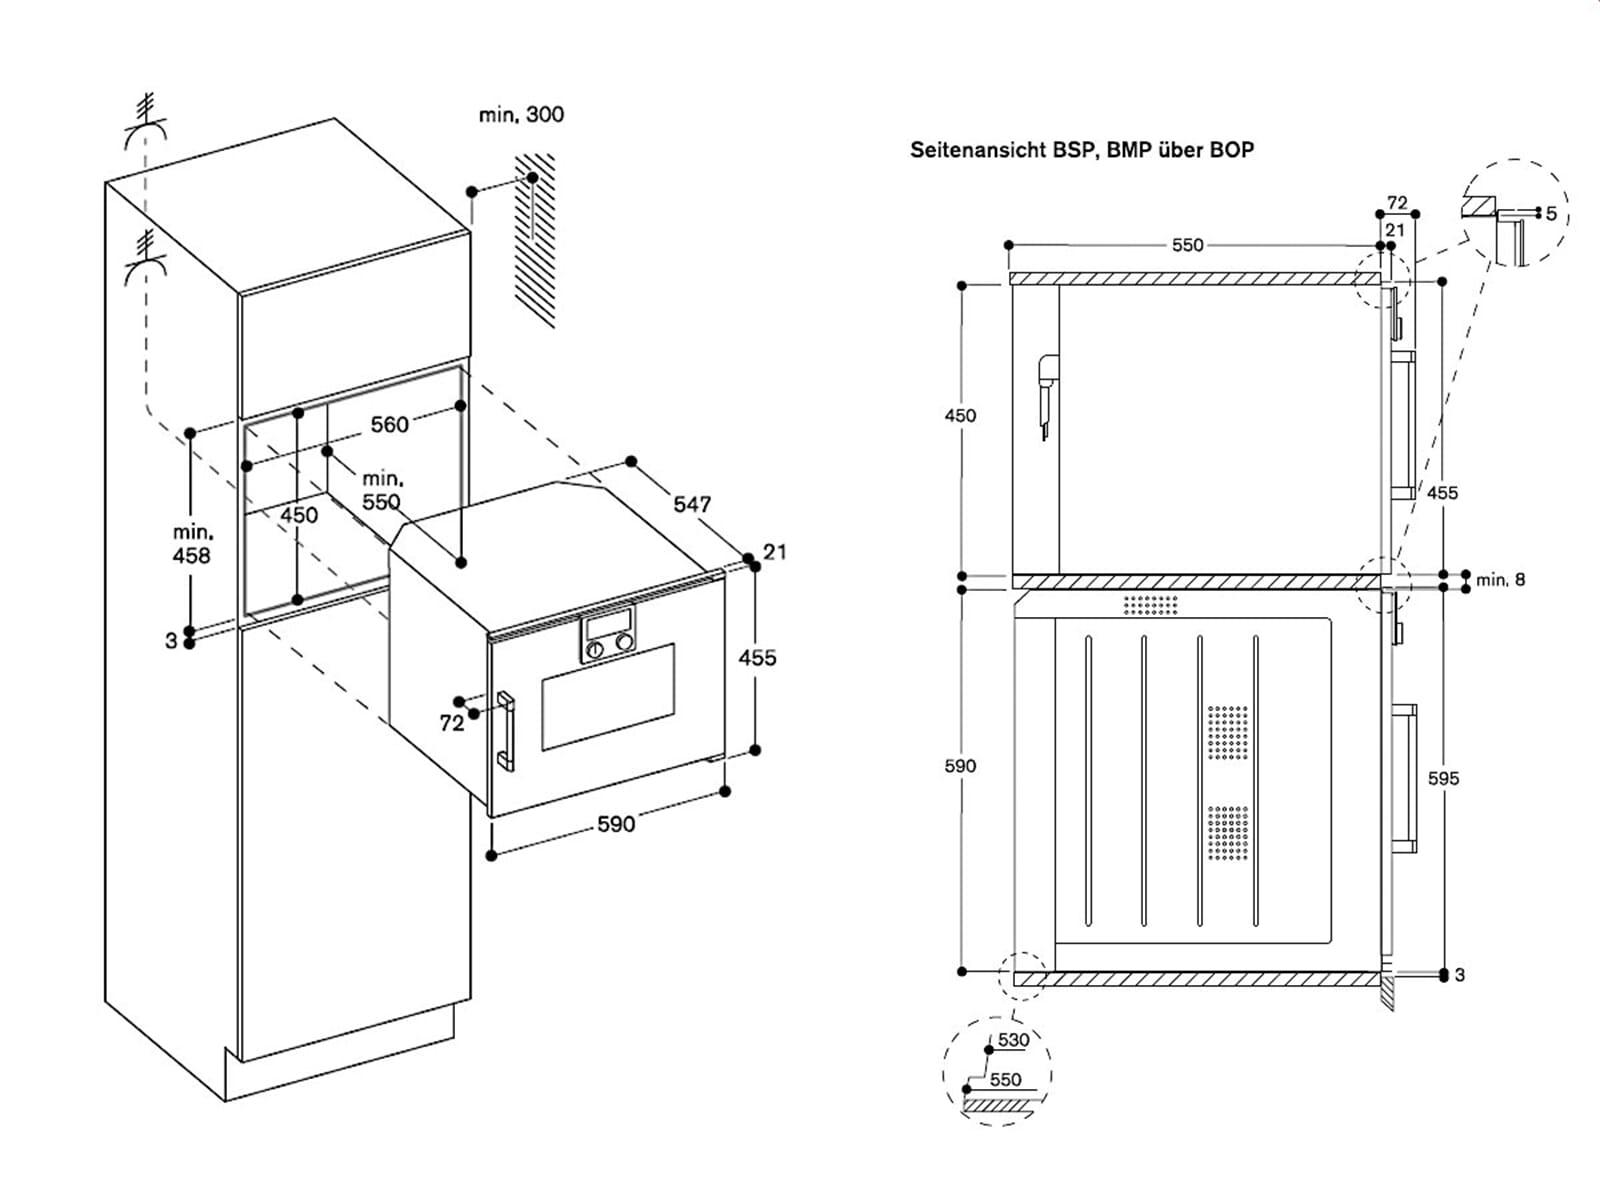 Gaggenau BSP 250 110 Dampfbackofen Serie 200 Metallic